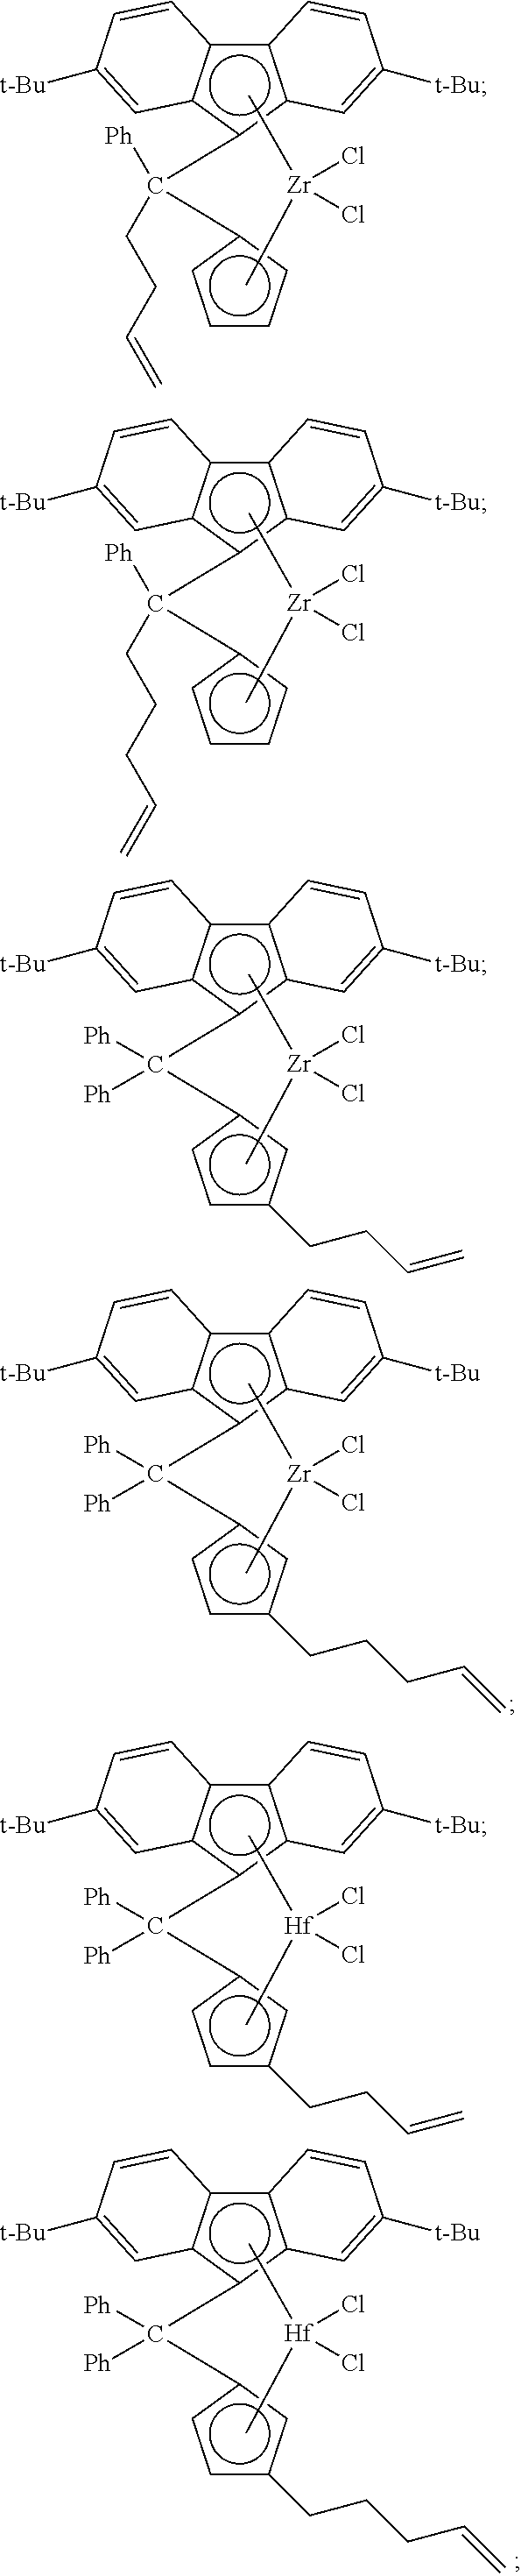 Figure US08288487-20121016-C00022